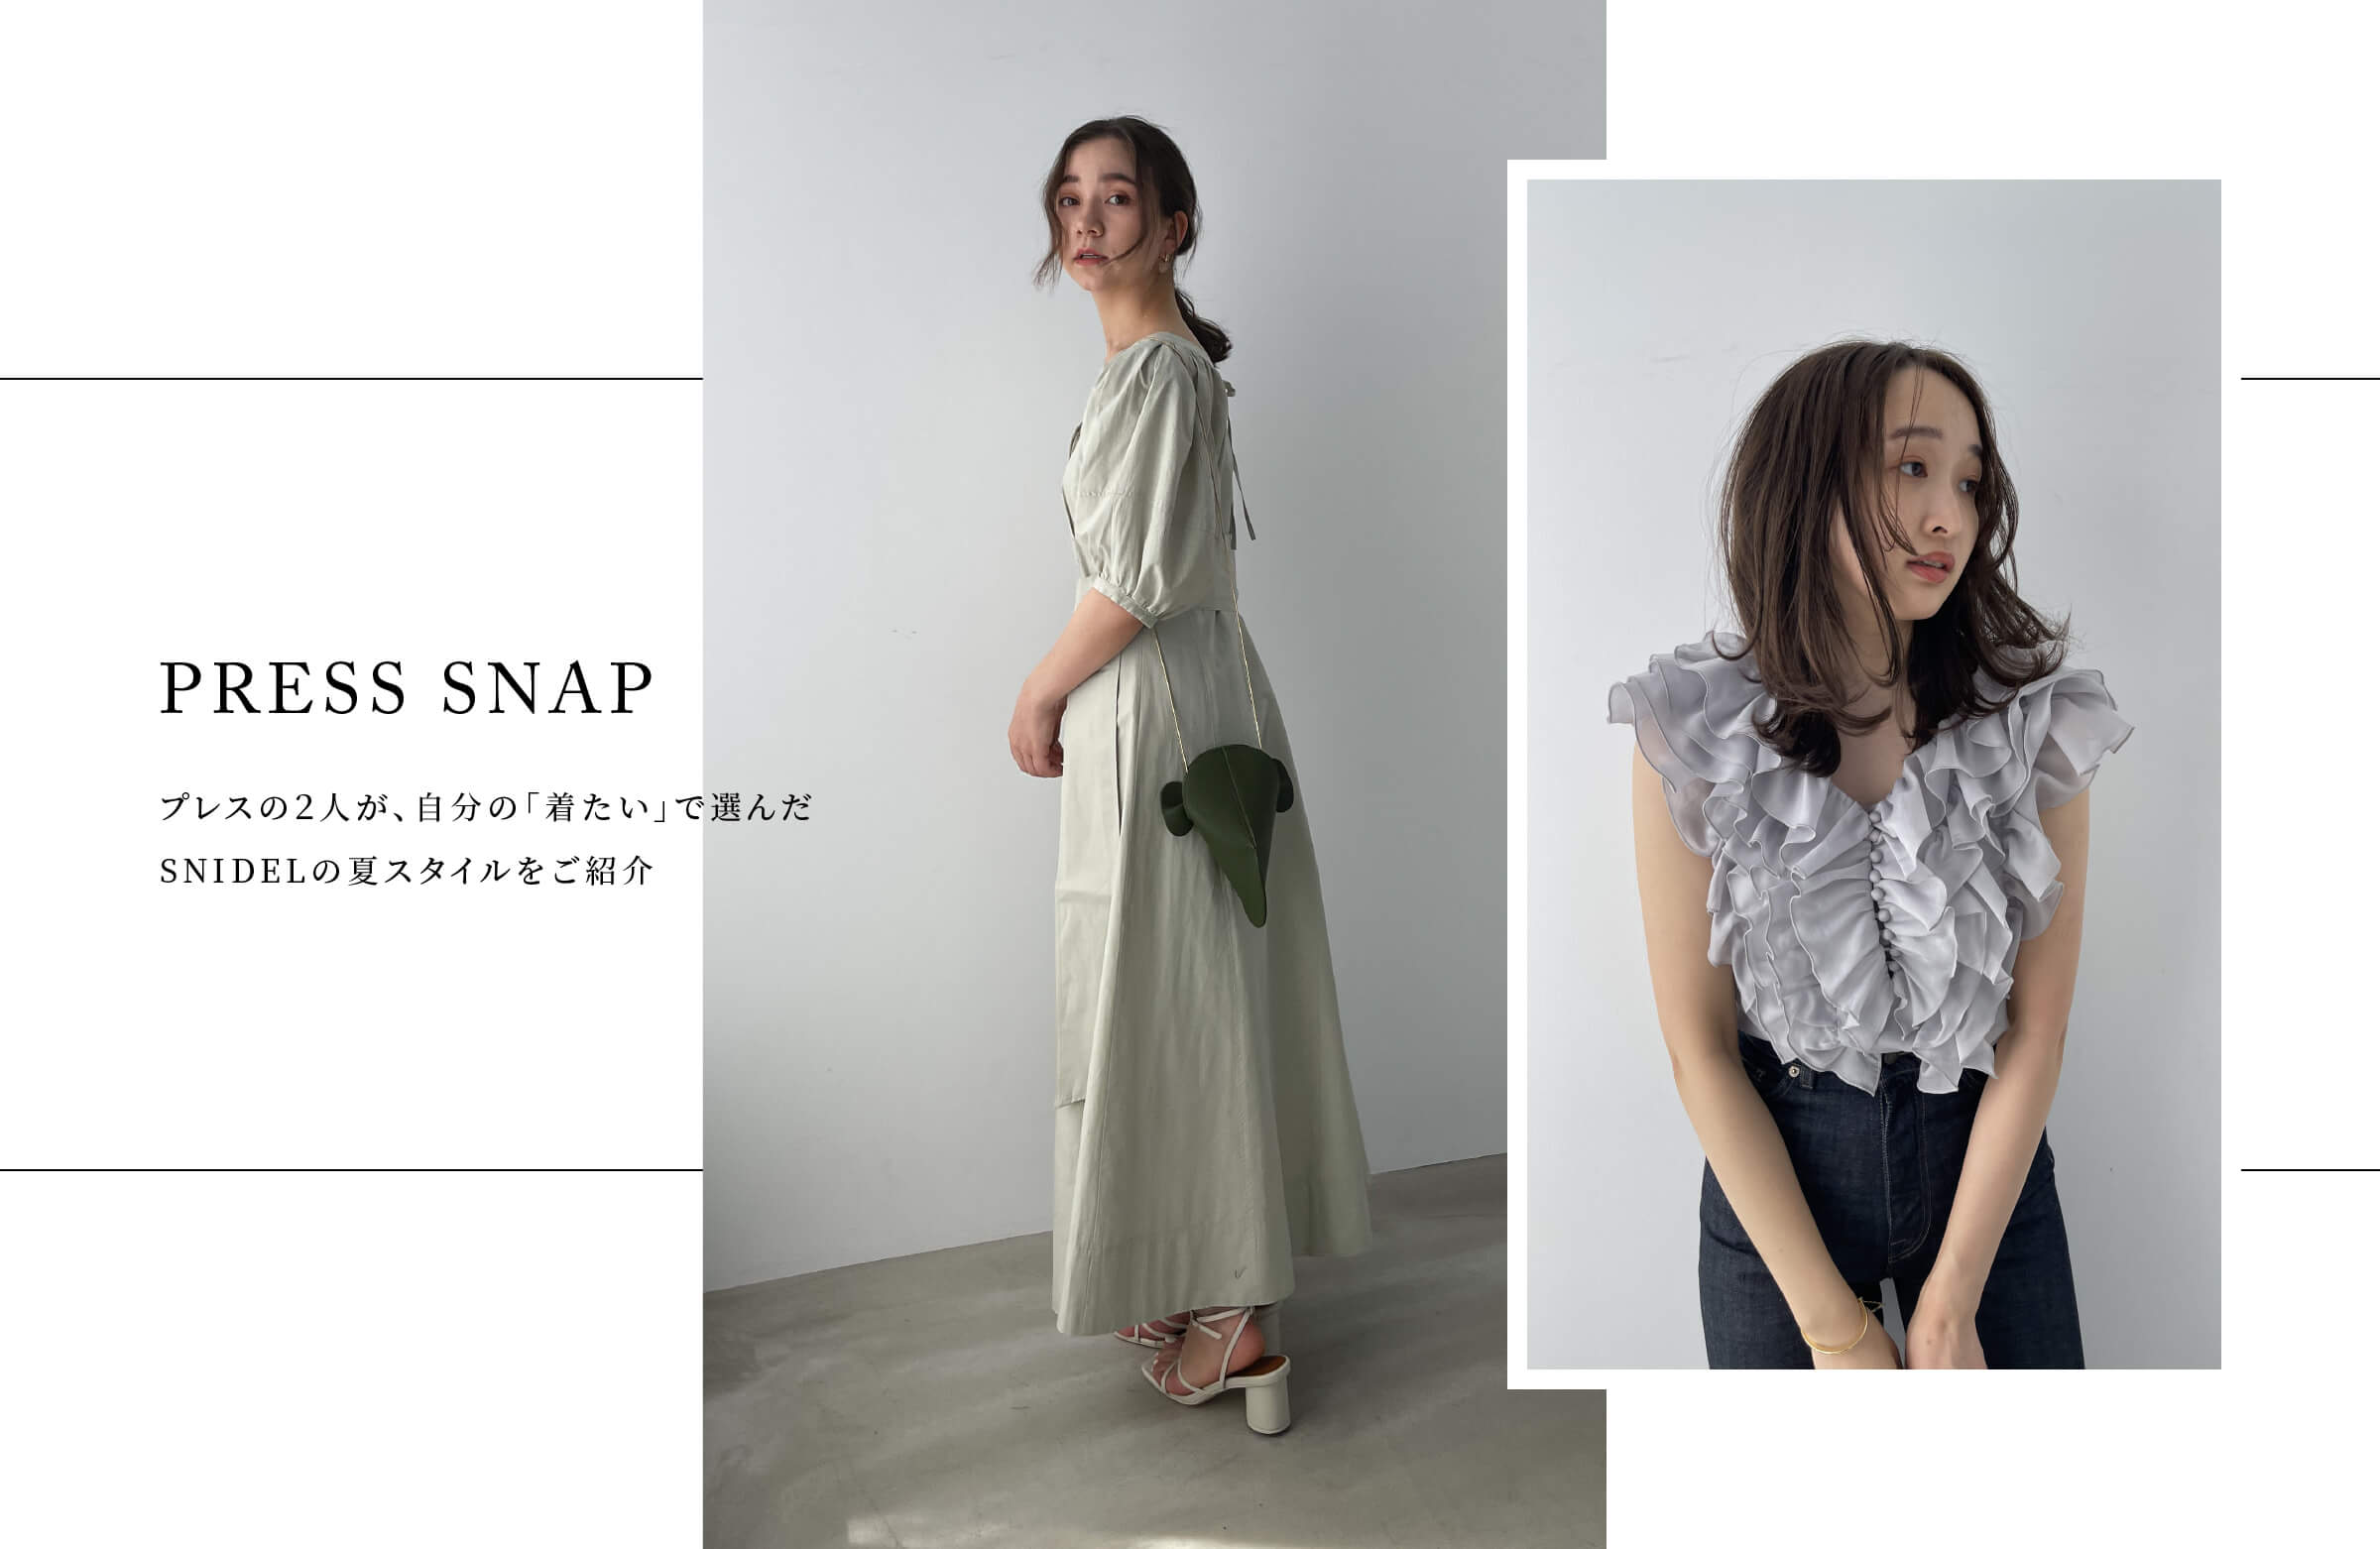 PRESS SNAP プレスの2人が、自分の「着たい」で選んだSNIDELの夏スタイルをご紹介